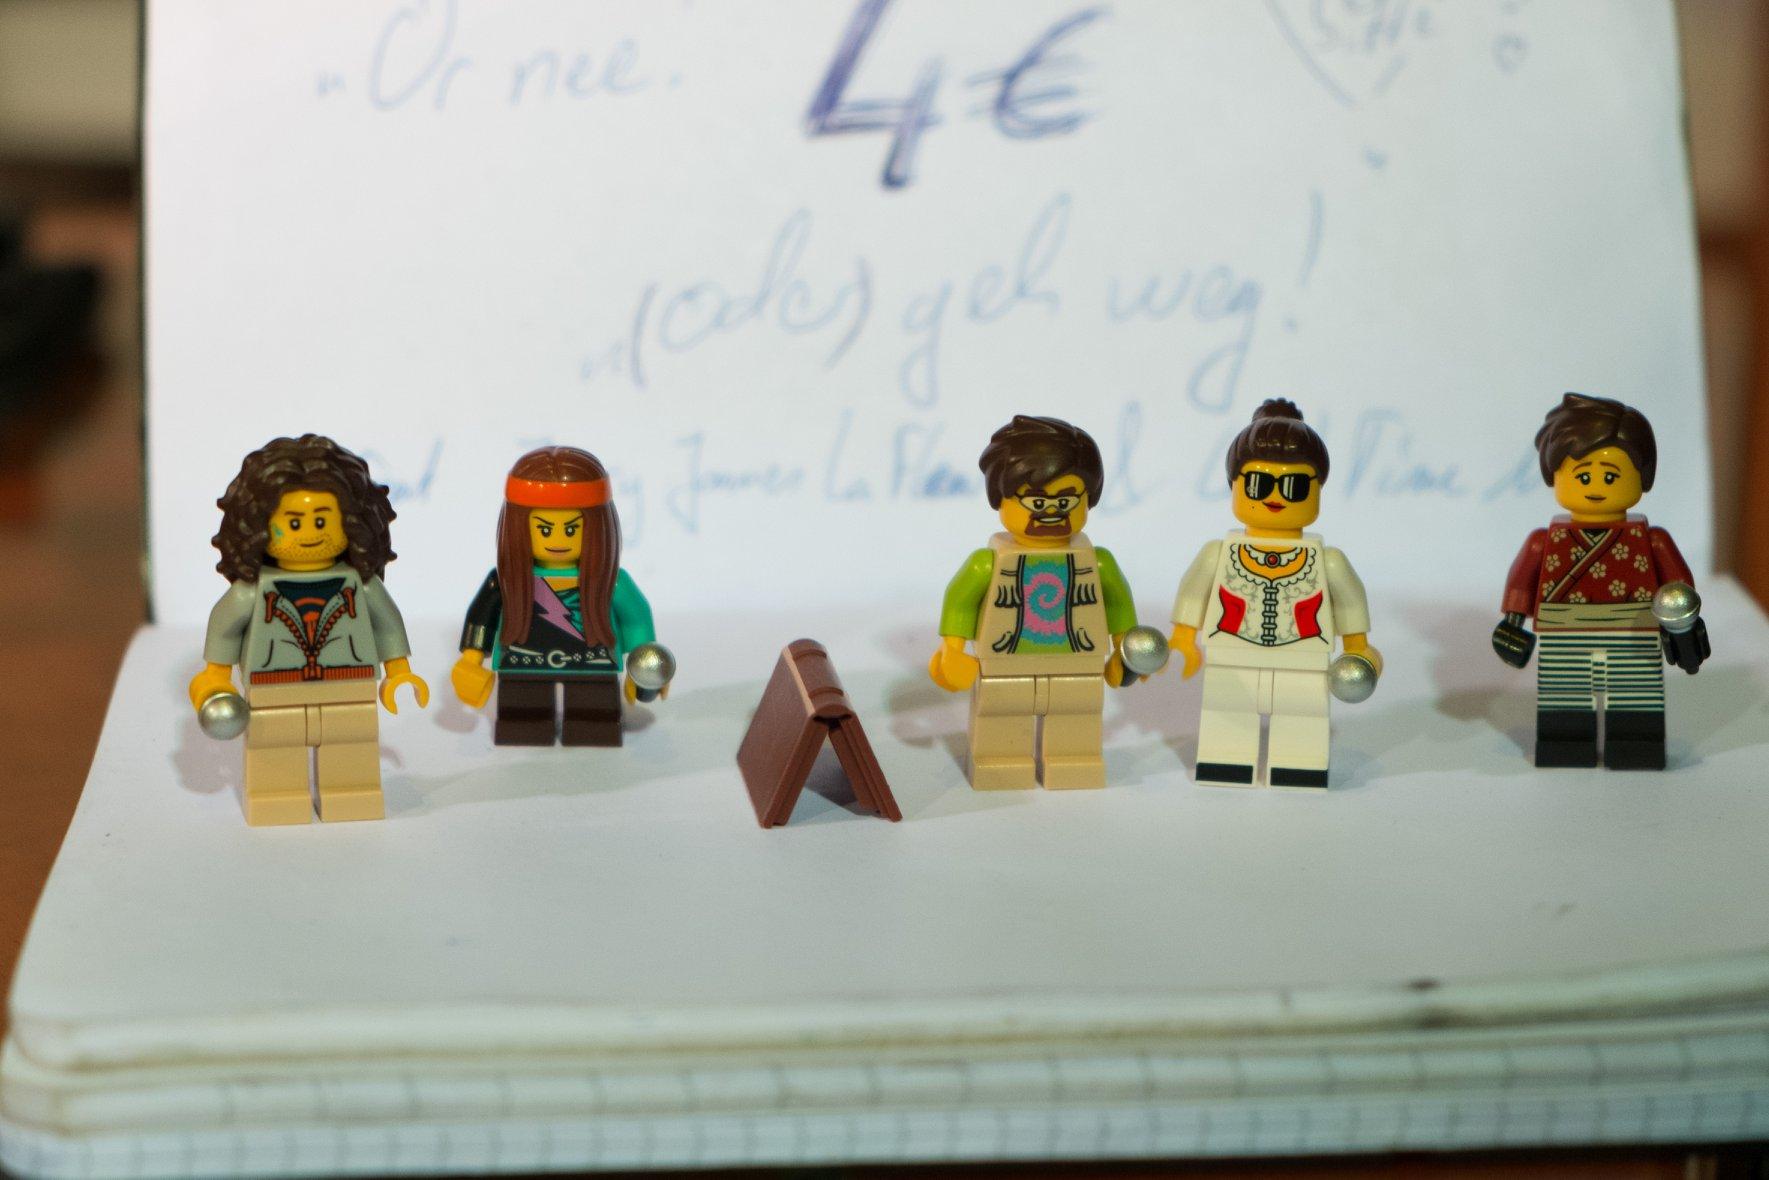 Die Mitglieder*innen der Lesebühne Kunstloses Brot aus Lego! Nils' Abschiedsgeschenk. // Foto: Jens Burkard